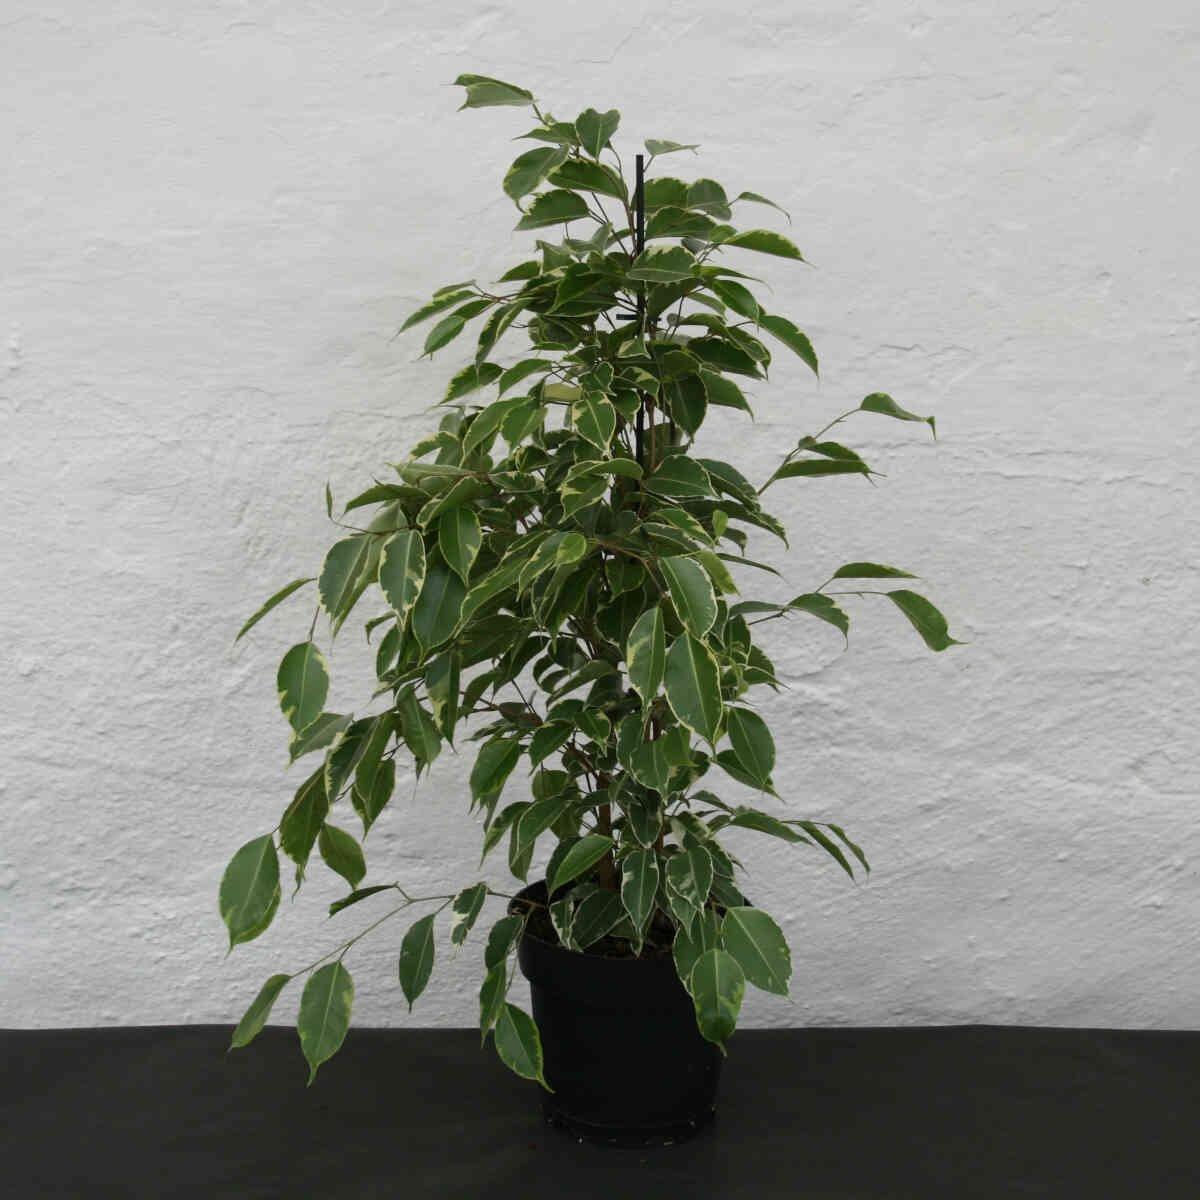 Birkefigen - Ficus benjamina 'Golden King'